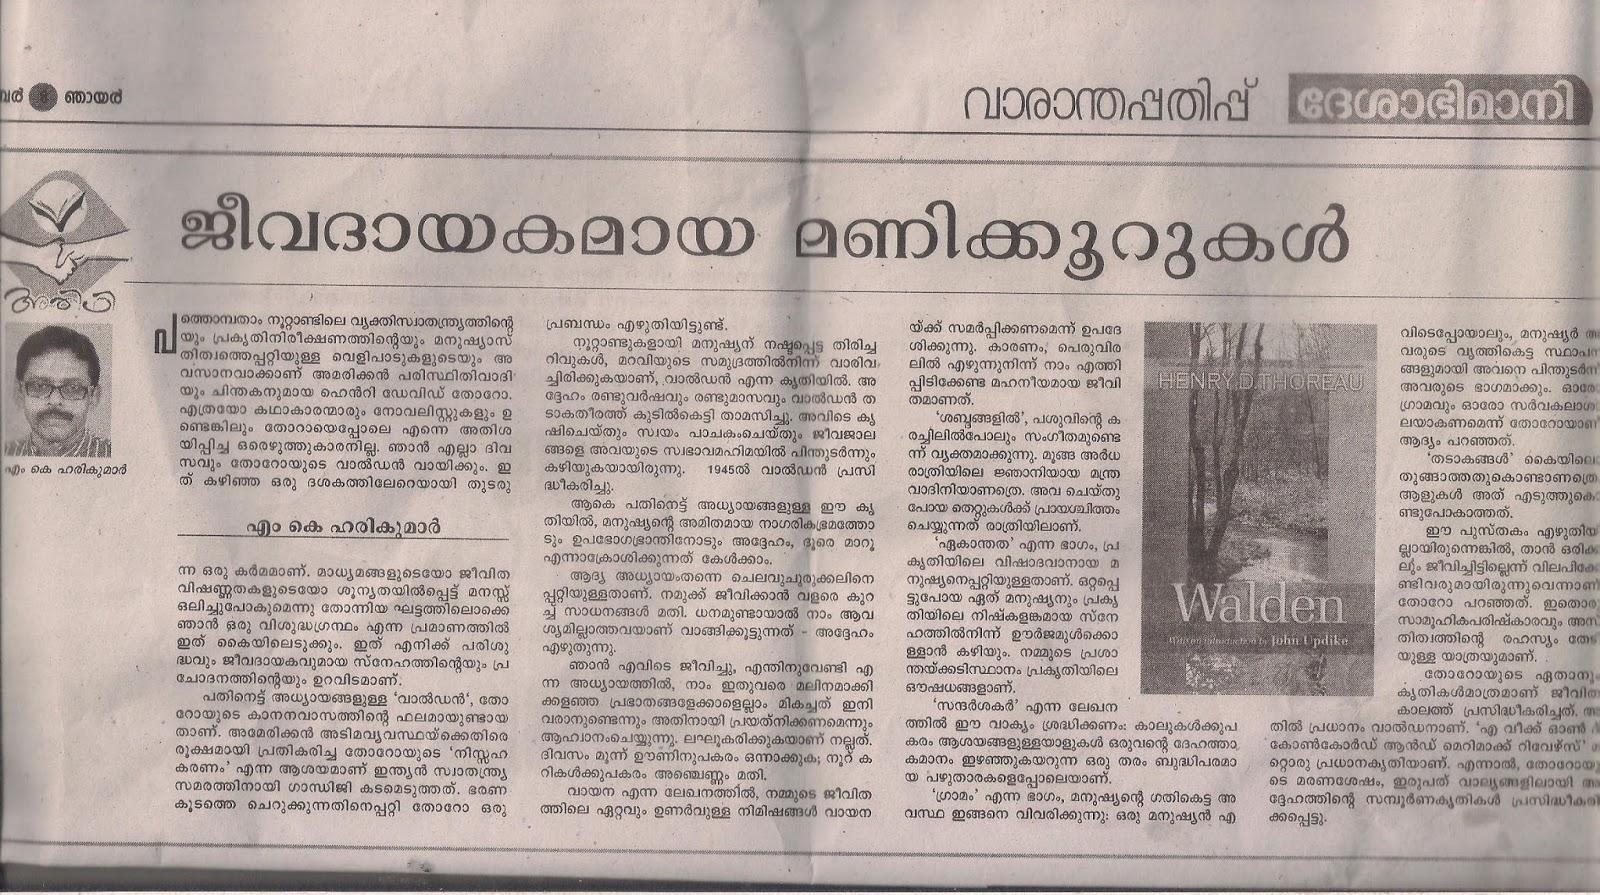 ജീവദായകമായ മണിക്കൂറുകൾ 8/9/2013 | M K